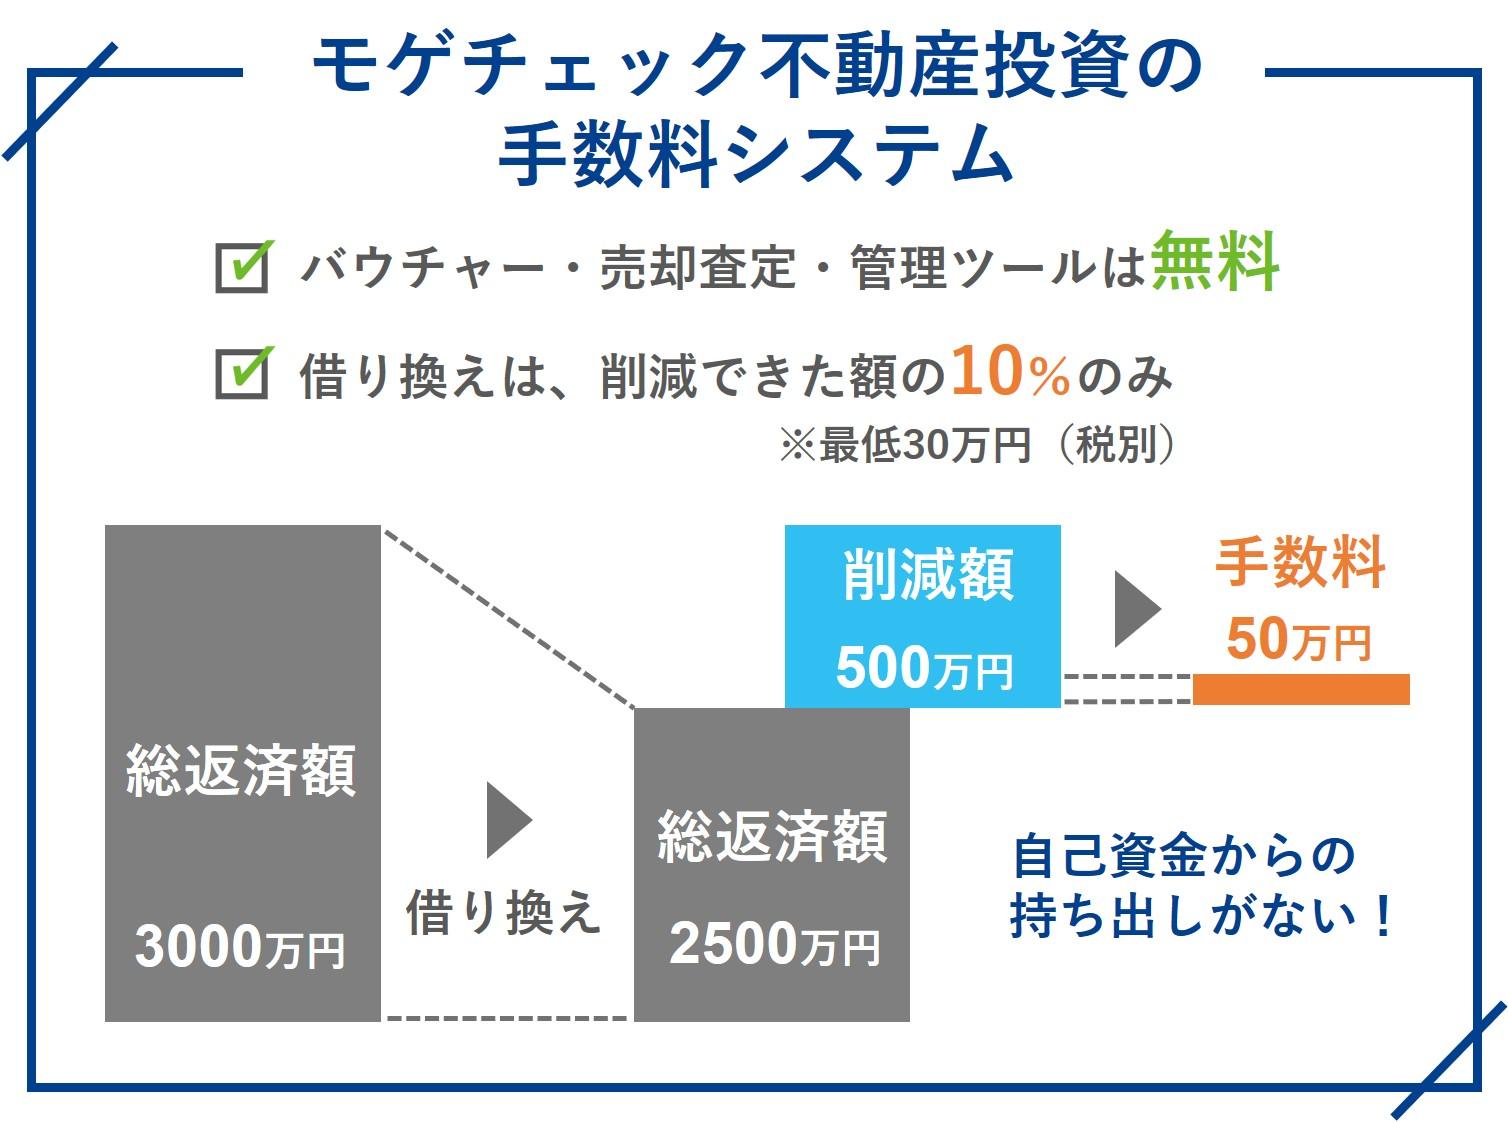 モゲチェック不動産投資の手数料システム